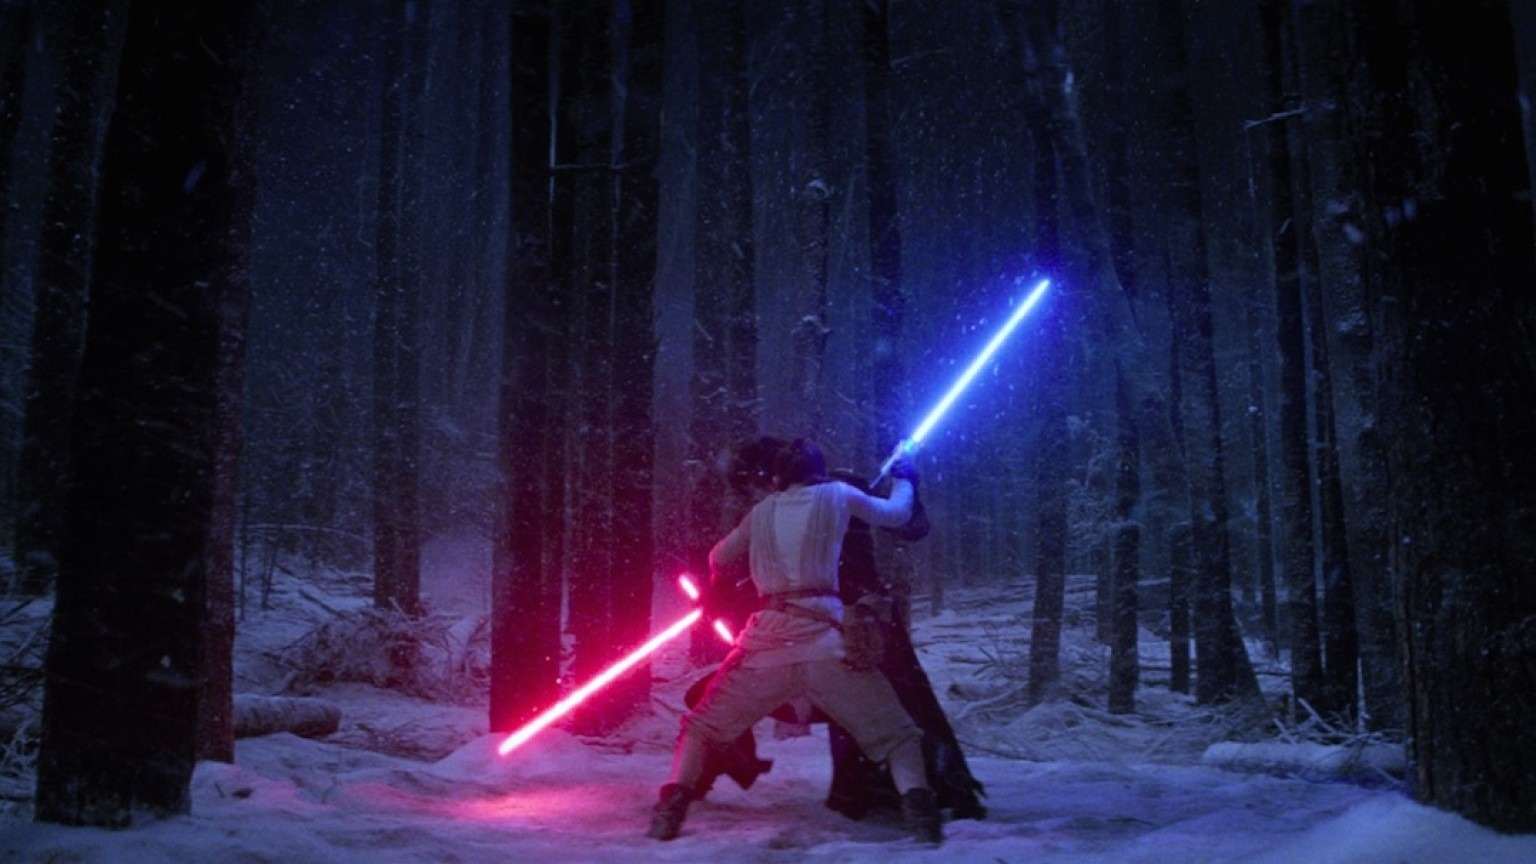 Rey y Kylo Ren luchando con sus espadas láser. Fotograma de Star Wars VII: El despertar de la Fuerza (2015) de JJ. Abrams.